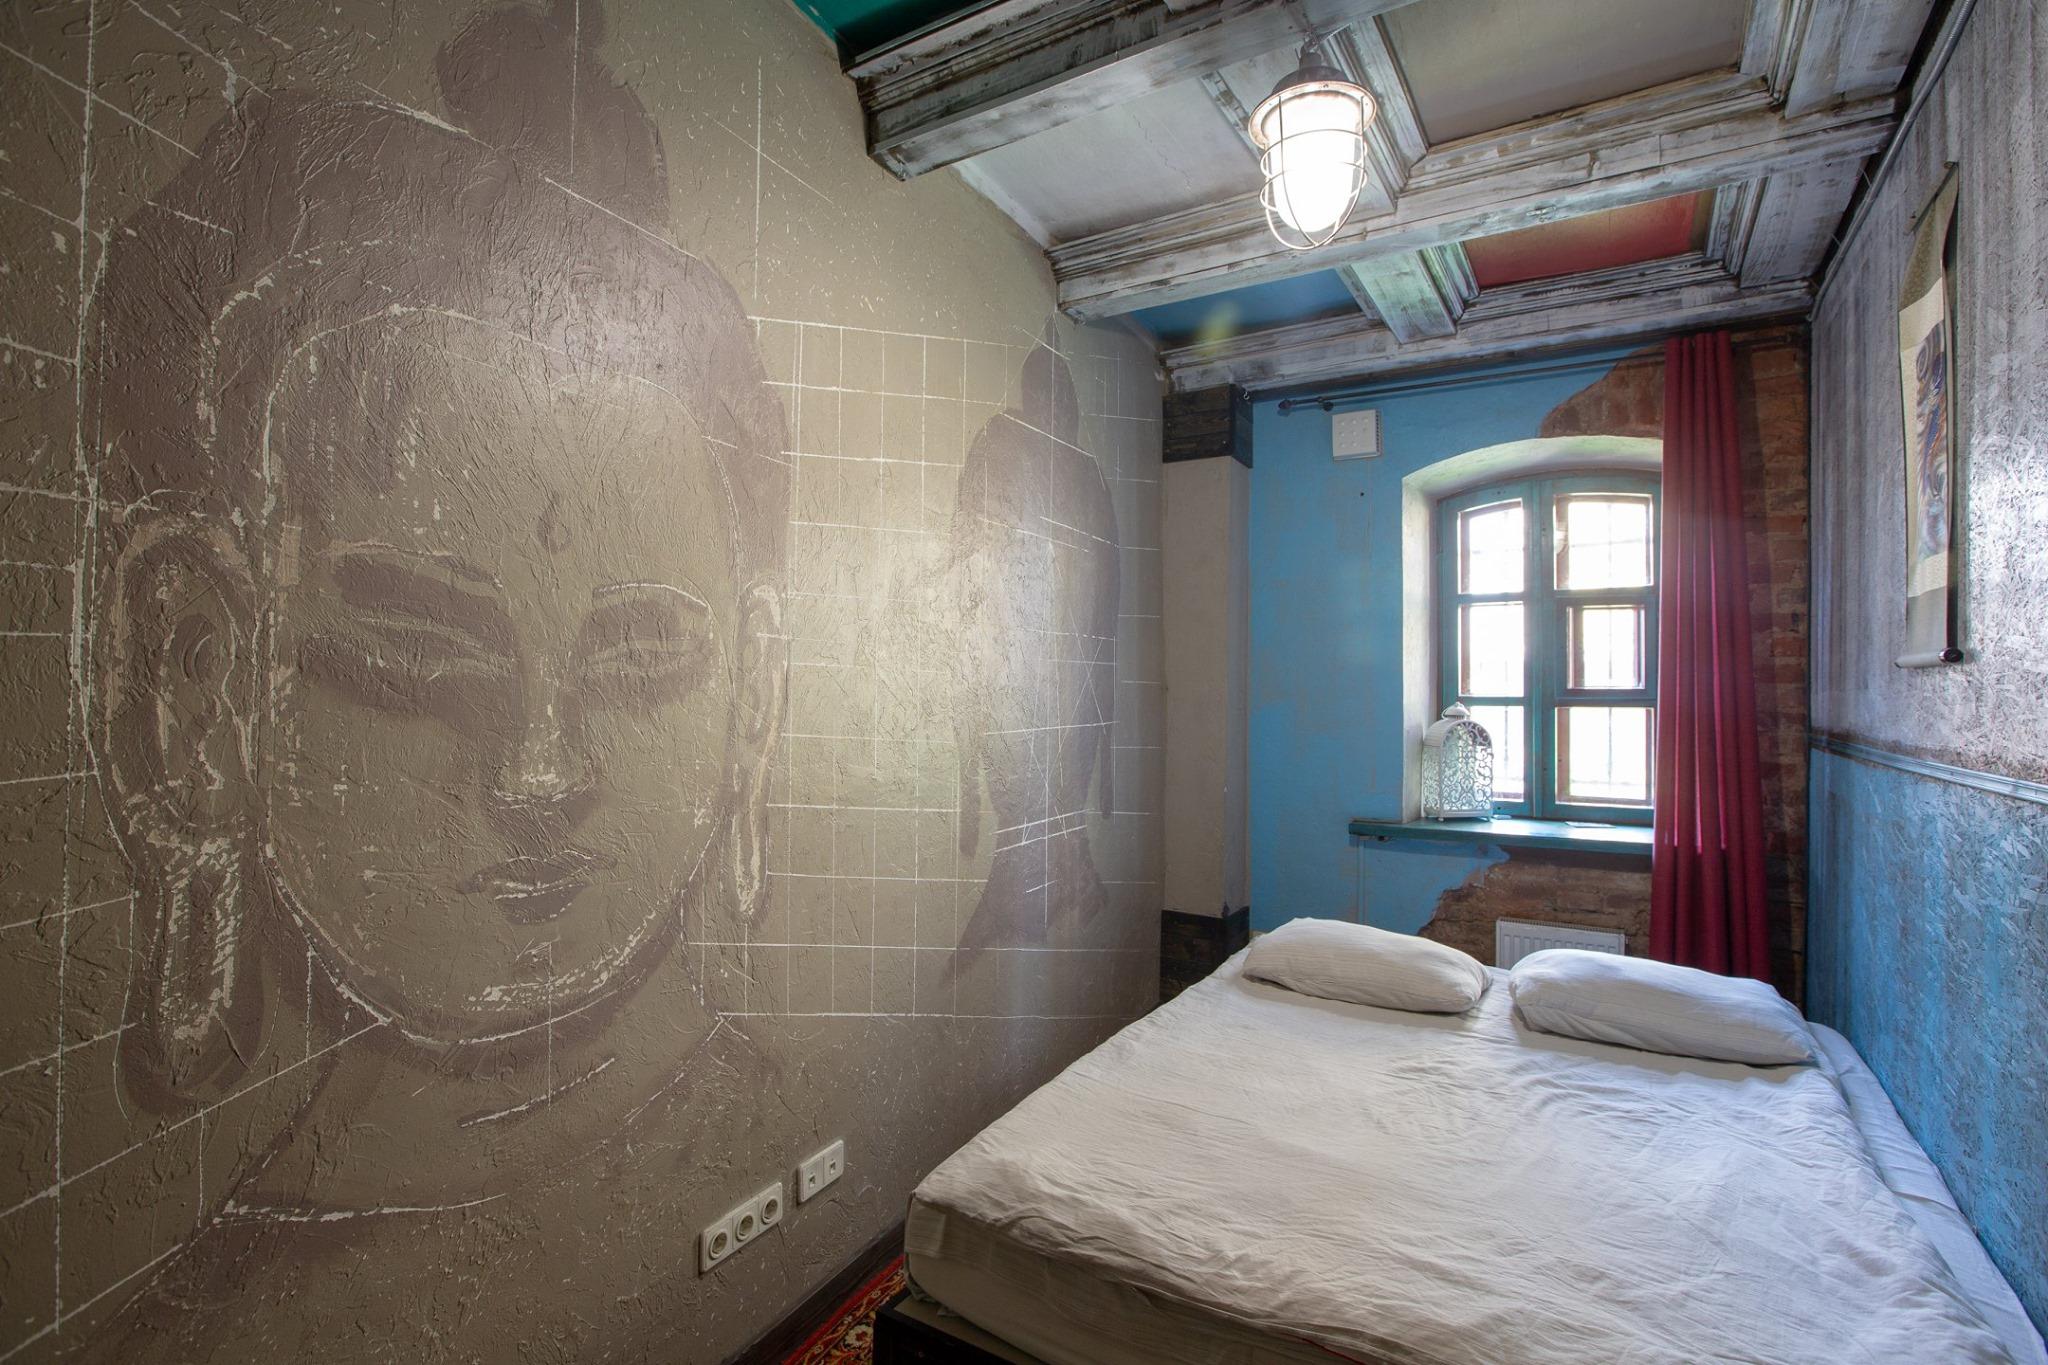 Пример комнаты в хостеле Trinity. Фото из личного архива Ксении Курусь